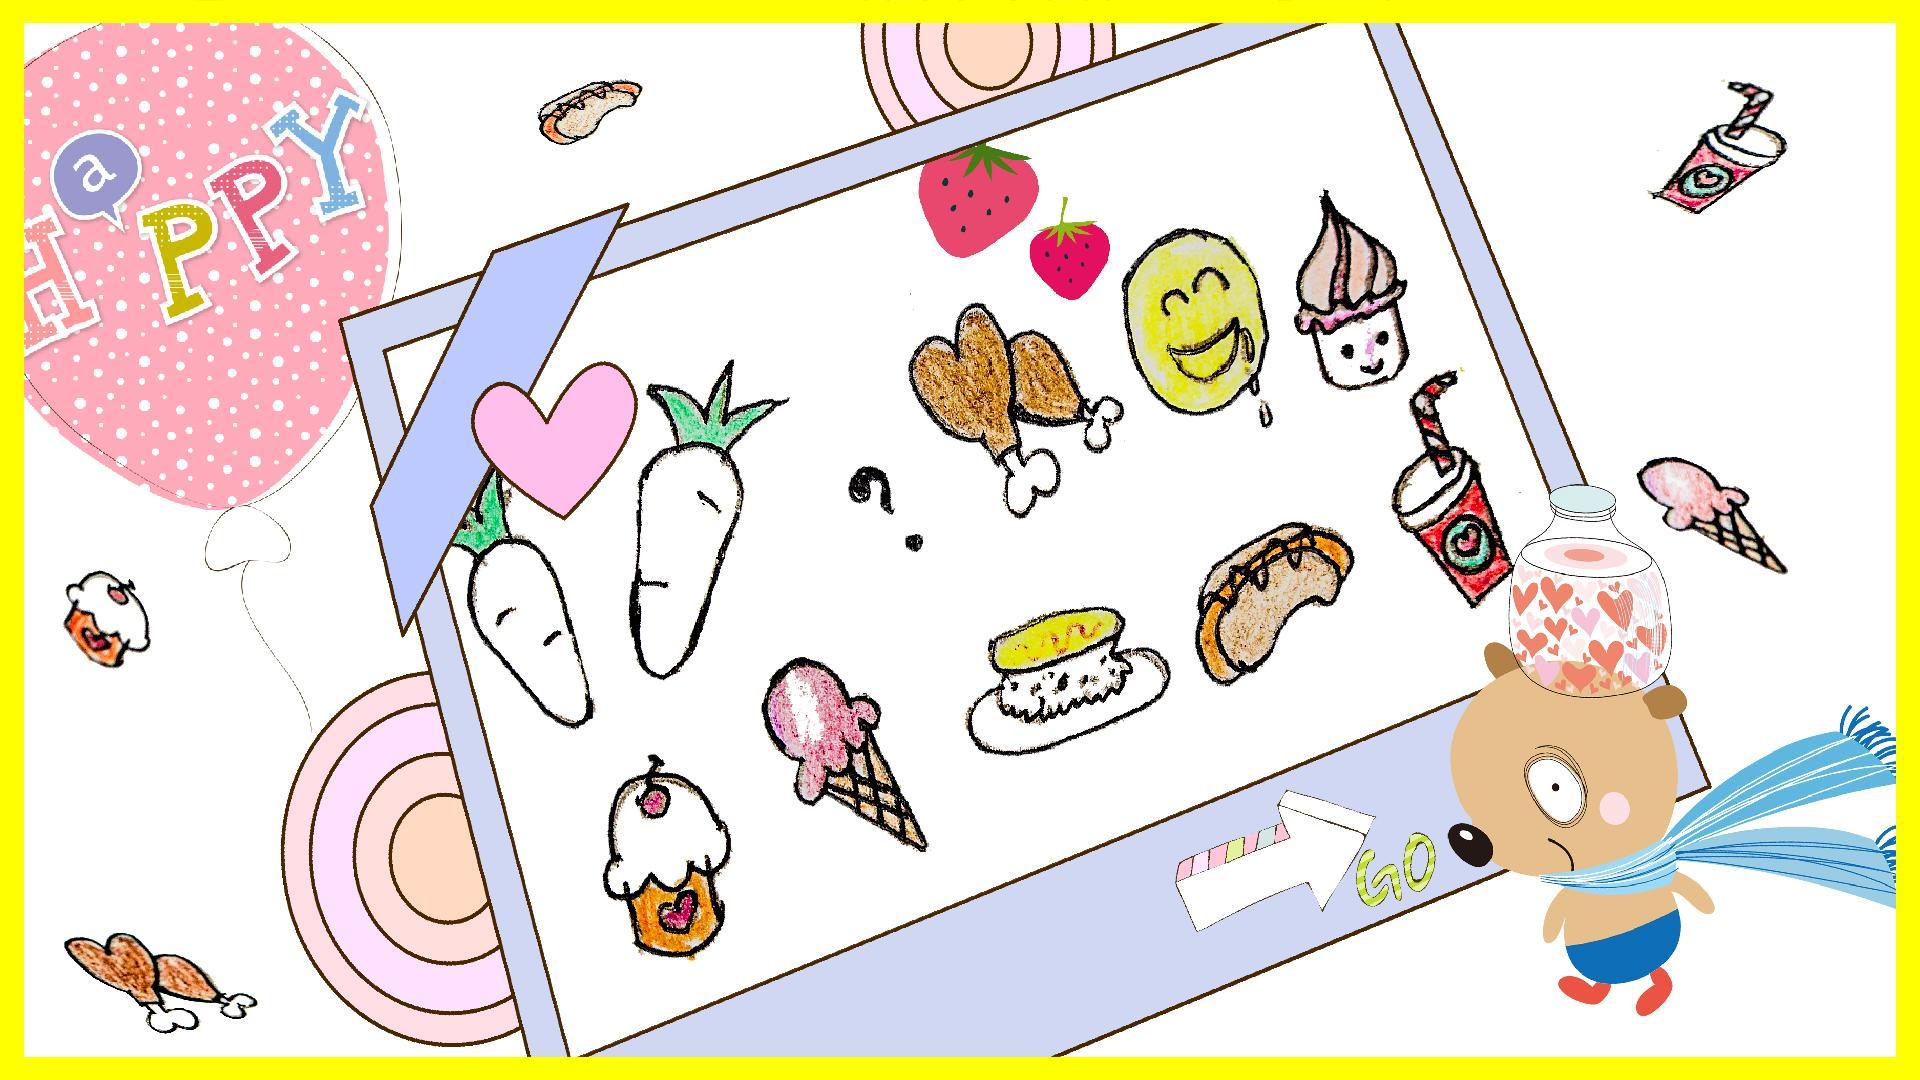 手帐简笔画美食 儿童创意绘画diy 亲子教育 粉红猪小妹小伶玩具.